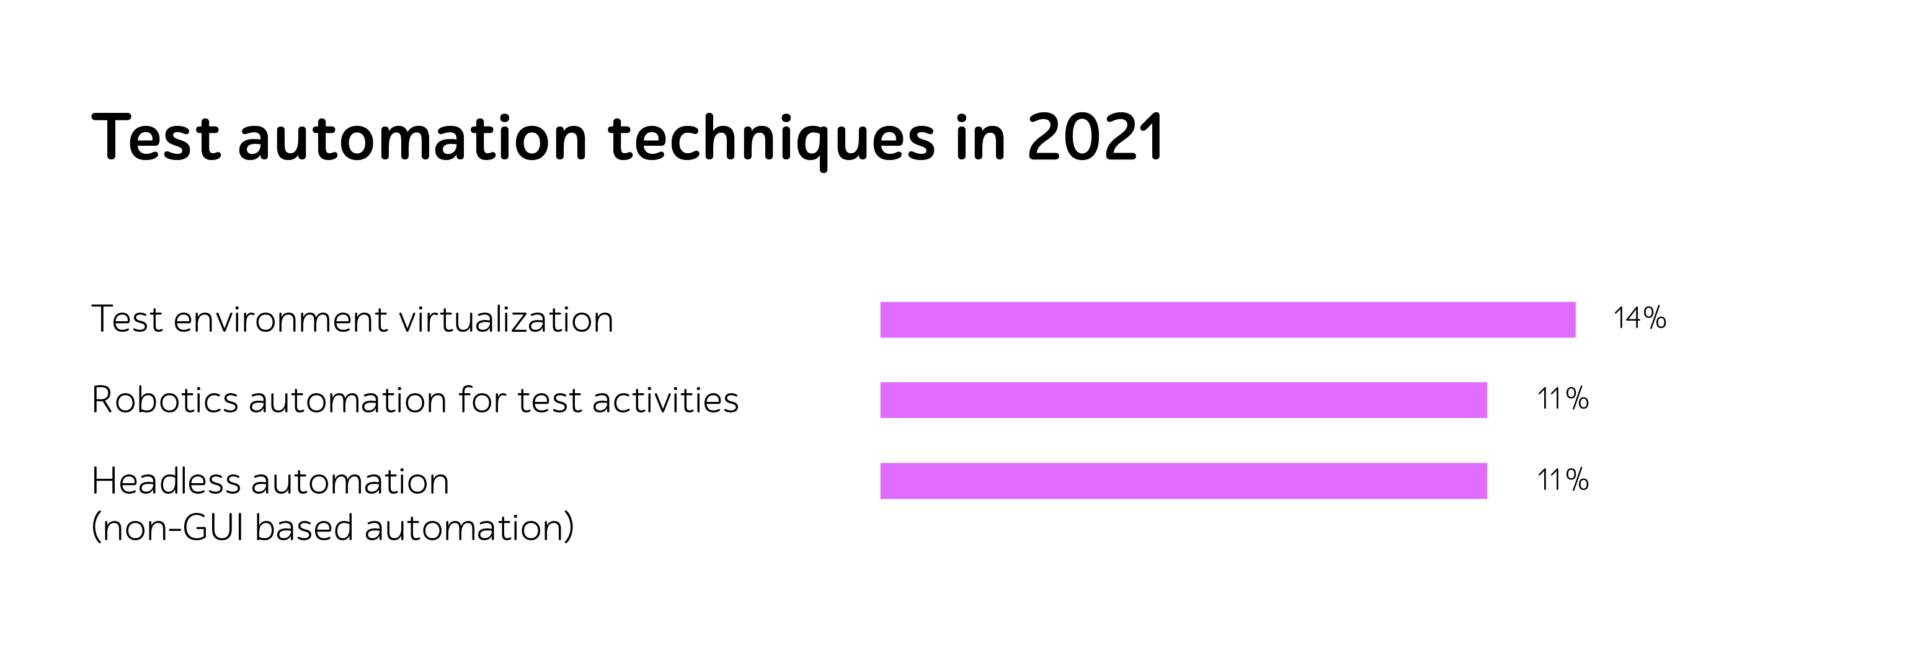 Test automation techniques